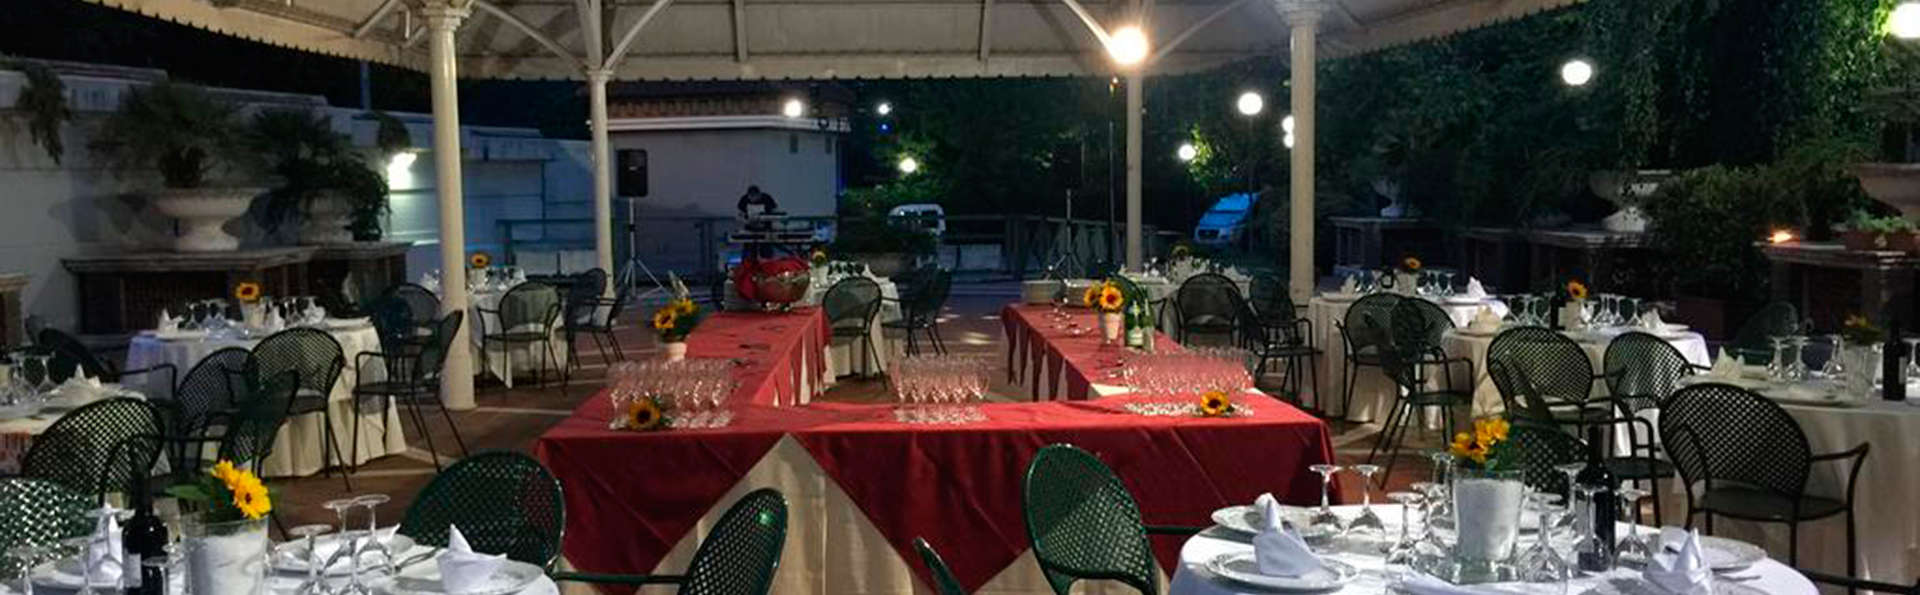 Gastronomie à Avellino avec un délicieux dîner